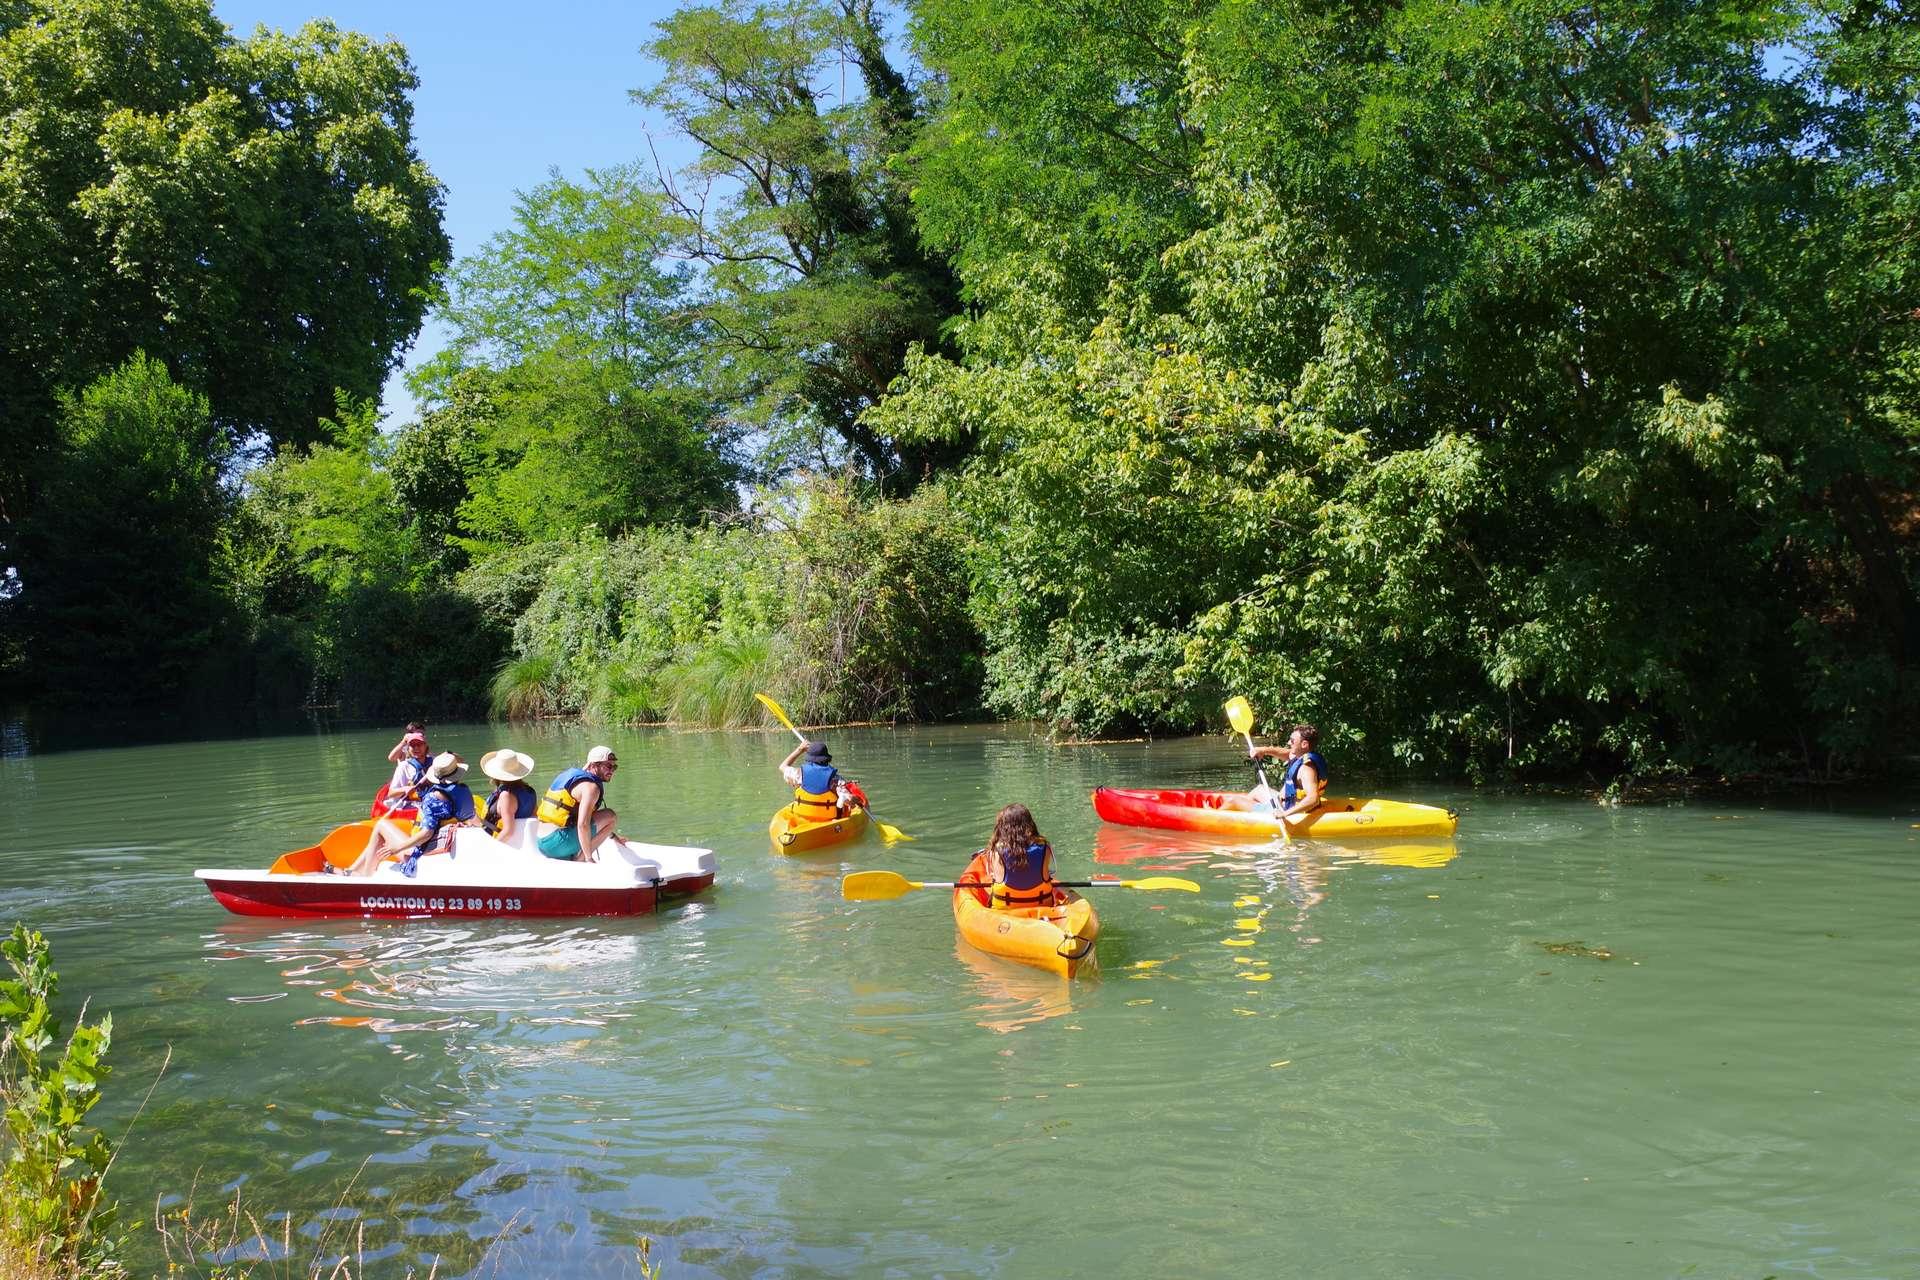 week end sur l'eau en famille sur petites embarcations